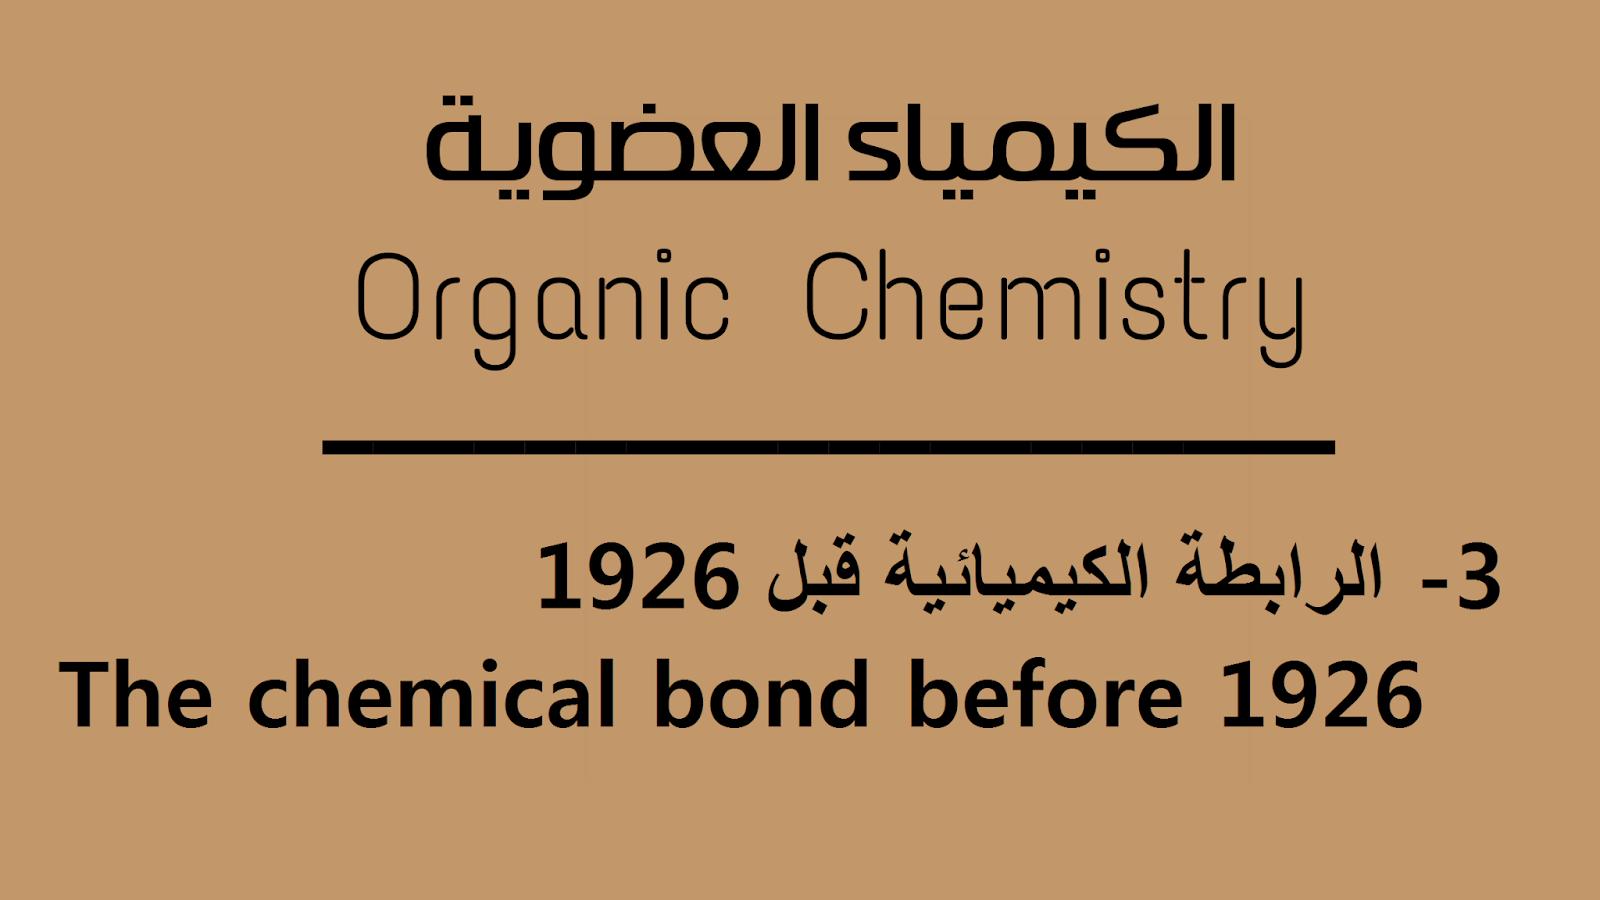 الرابطة الكيميائية قبل 1926 The Chemical Bond Before 1926 Chemical Bond Organic Chemistry Chemistry